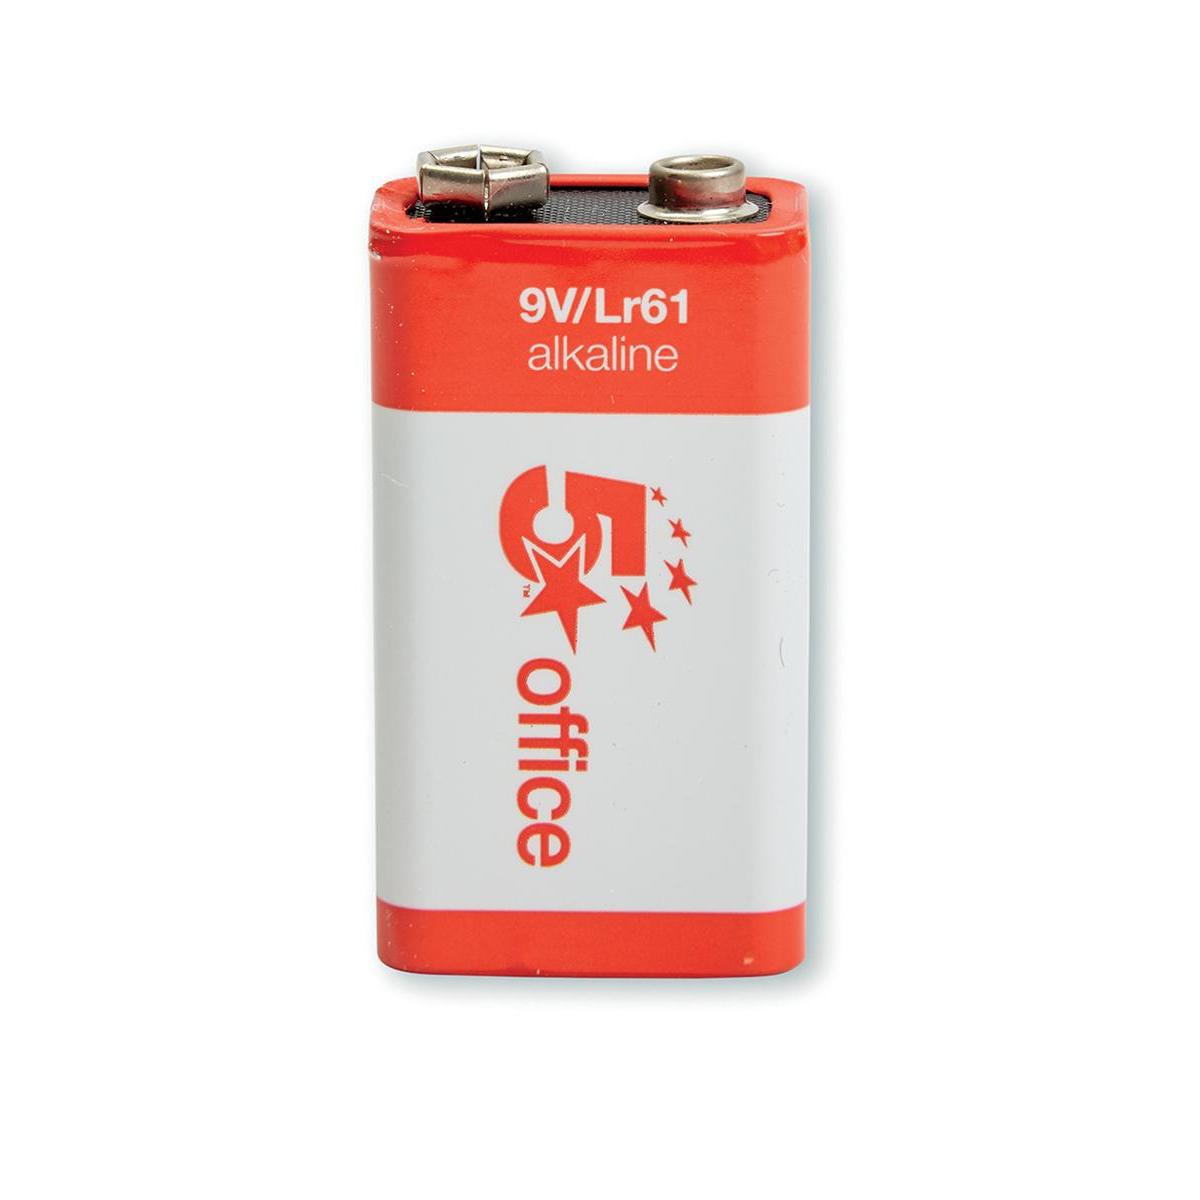 Image for 5 Star Office Battery 9V